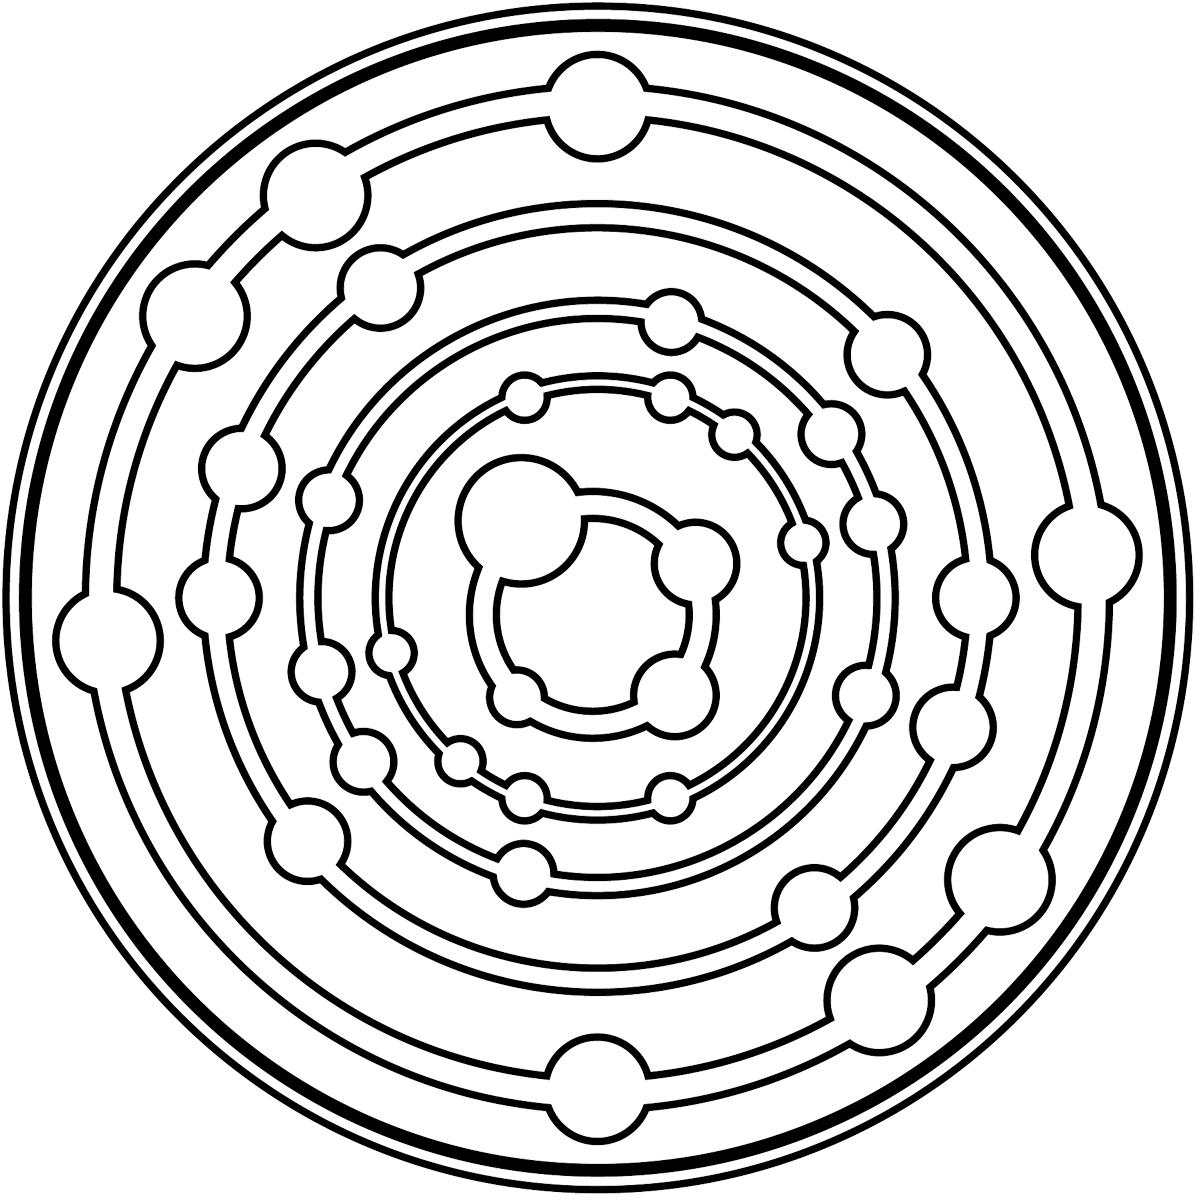 Раскраска Зендала Космос распечатать или скачать бесплатно